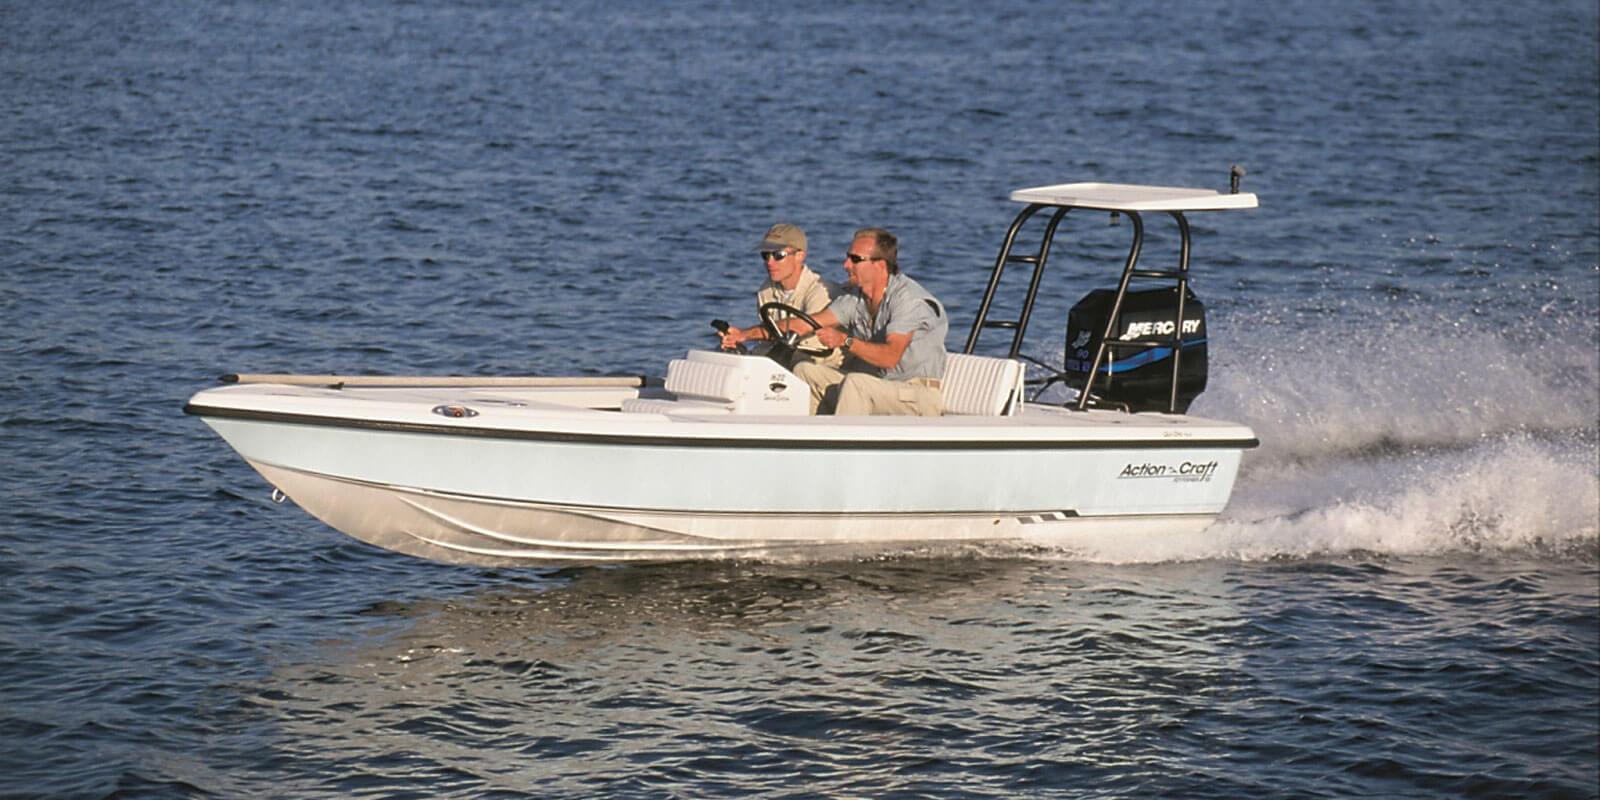 Charter fishing boats fin fly fishing charters deep sea for Fly fishing charters